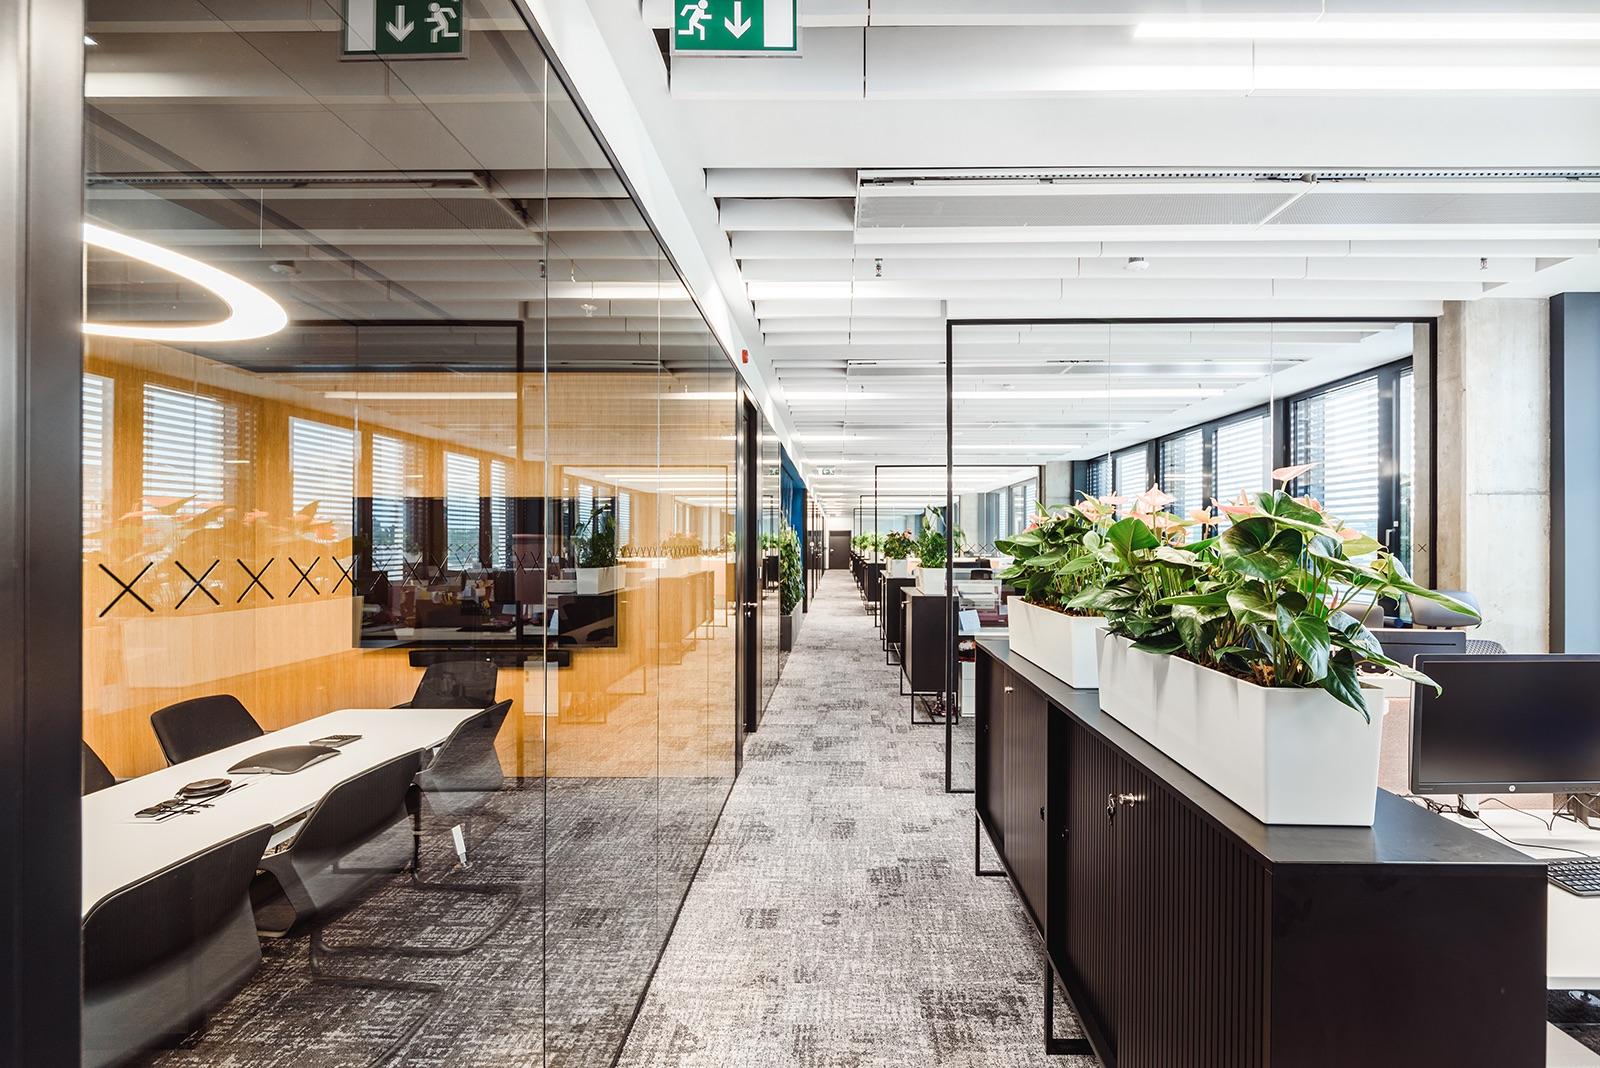 roche-bratislava-office-6